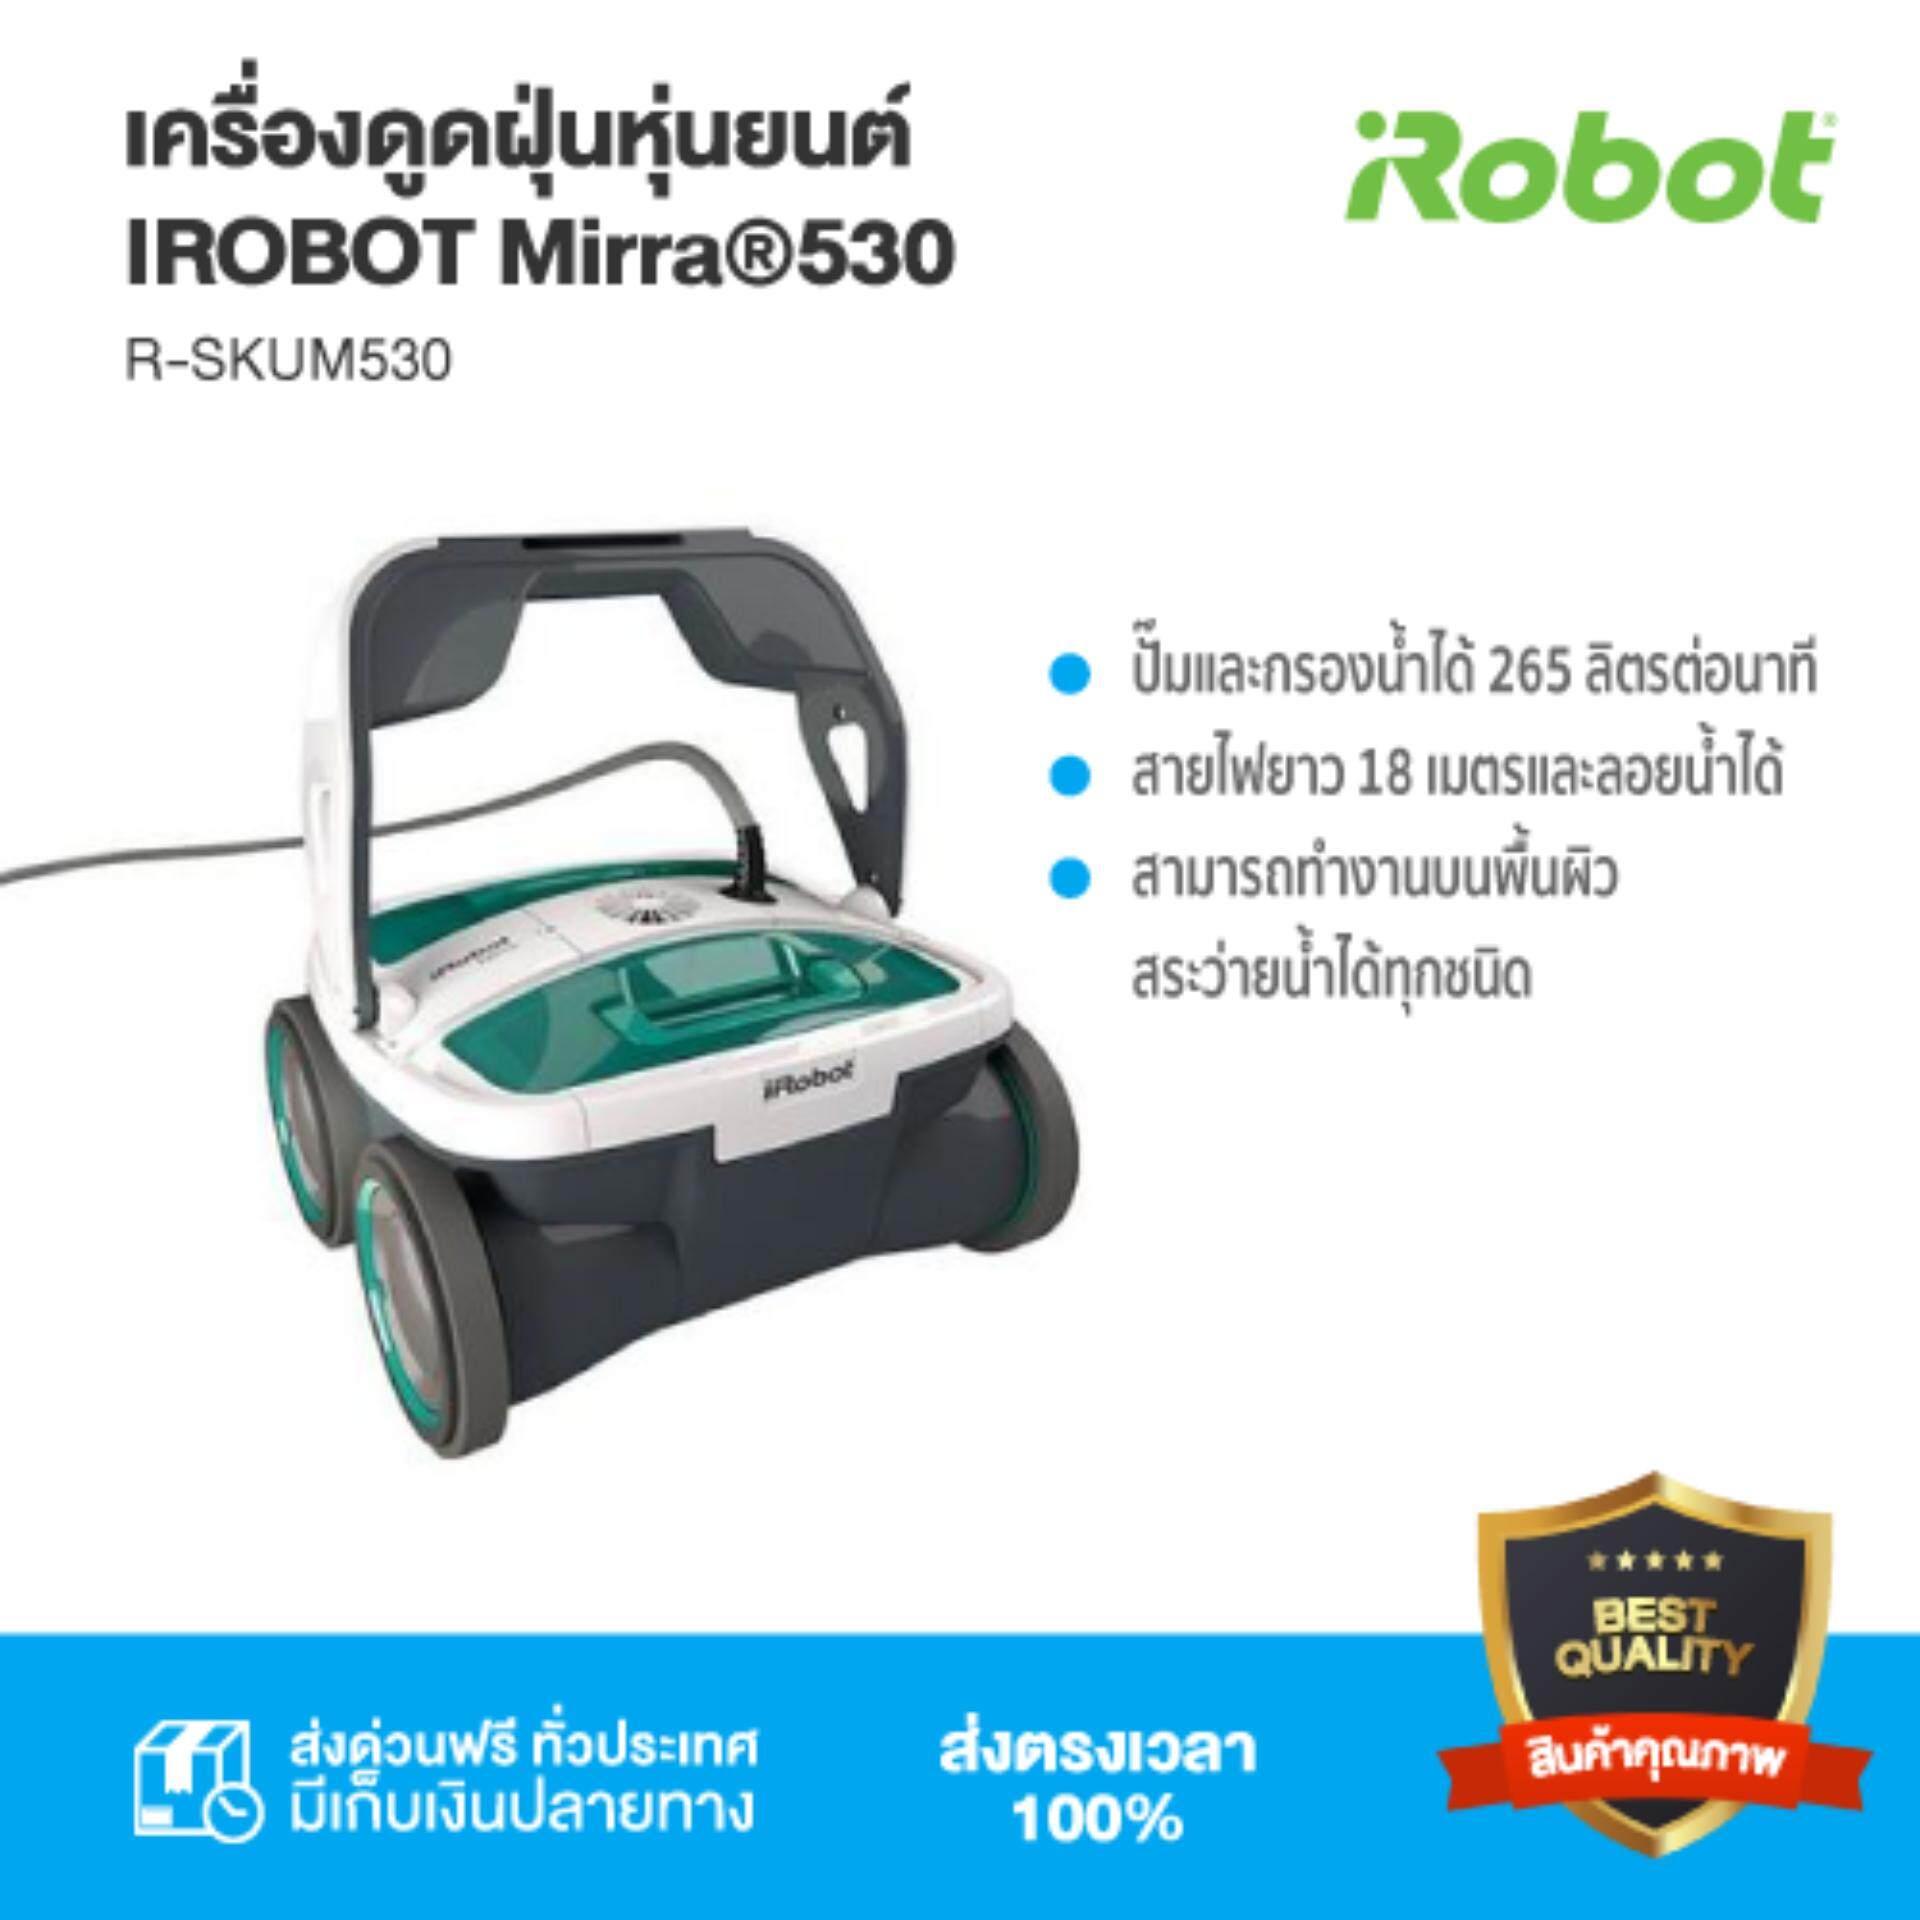 IROBOT หุ่นยนต์ดูดฝุ่น เครื่องดูดฝุ่นหุ่นยนต์ หุ่นยนต์ทำความสะอาด รุ่น R-SKUM530 เครื่องดูดฝุ่น สายไฟยาว 18 เมตรและลอยน้ำได้ จัดส่งฟรี